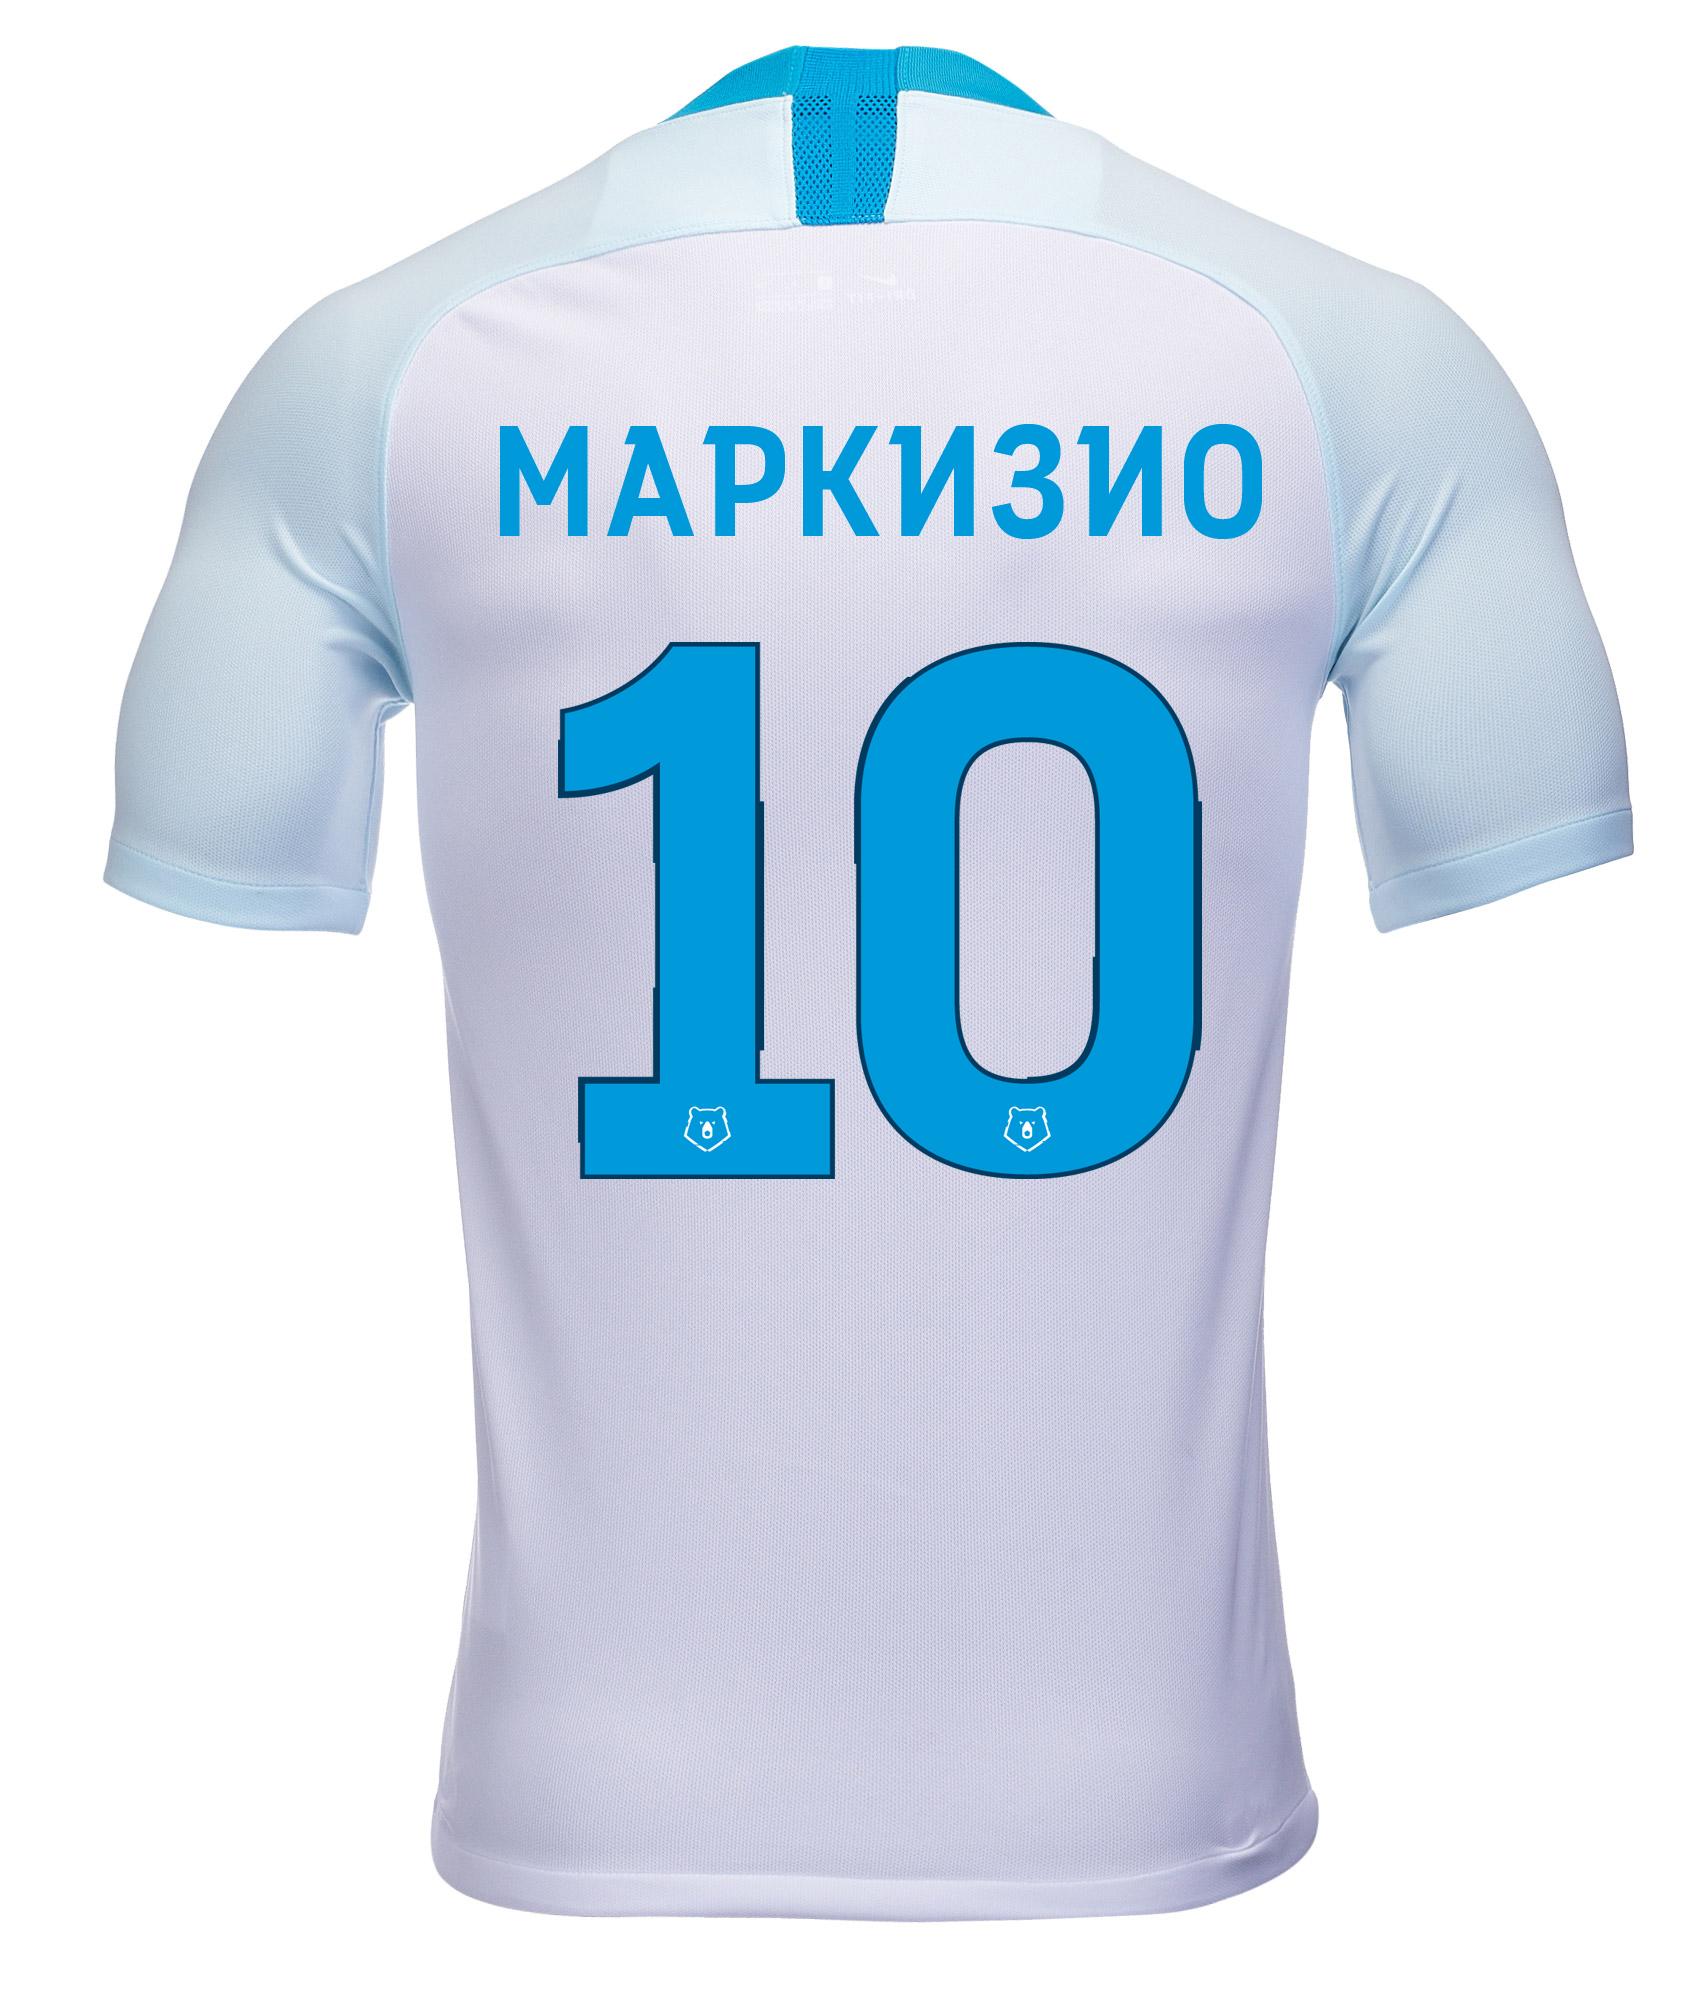 Выездная игровая футболка Nike Маркизио 2018/19 Nike игровая выездная футболка цвет белый размер l